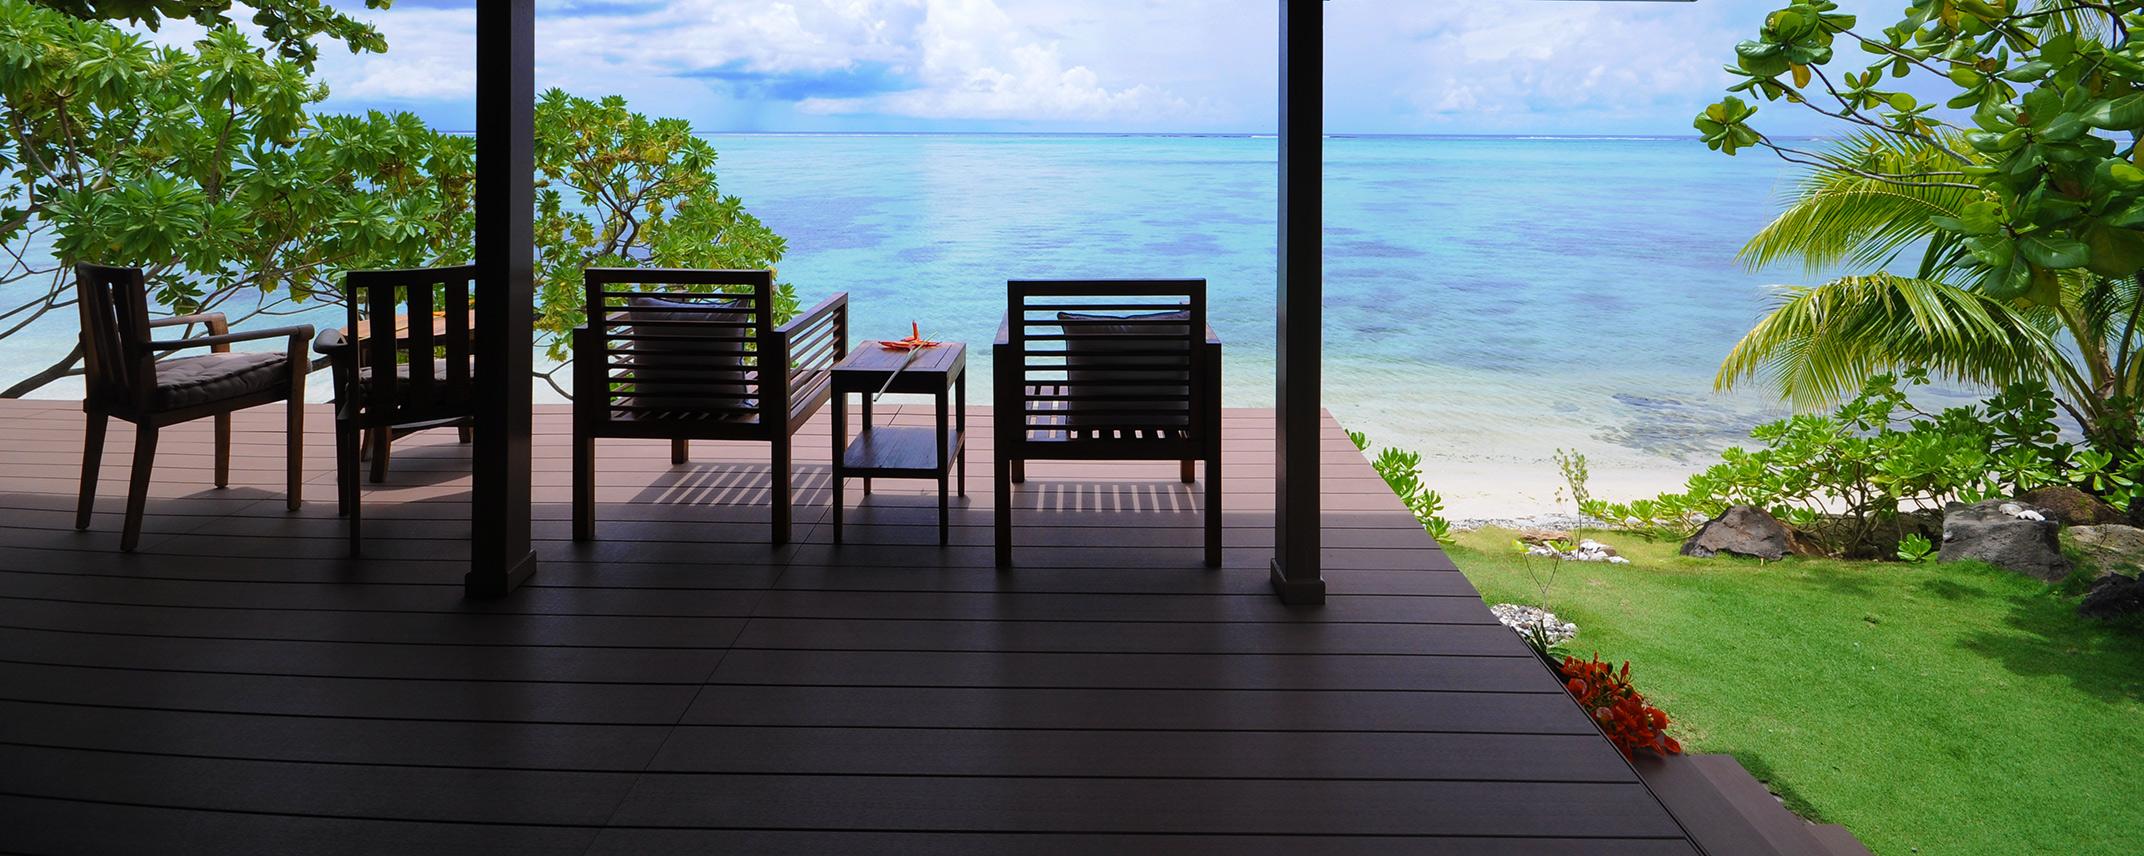 Villa HAAPITI Beach 4pax